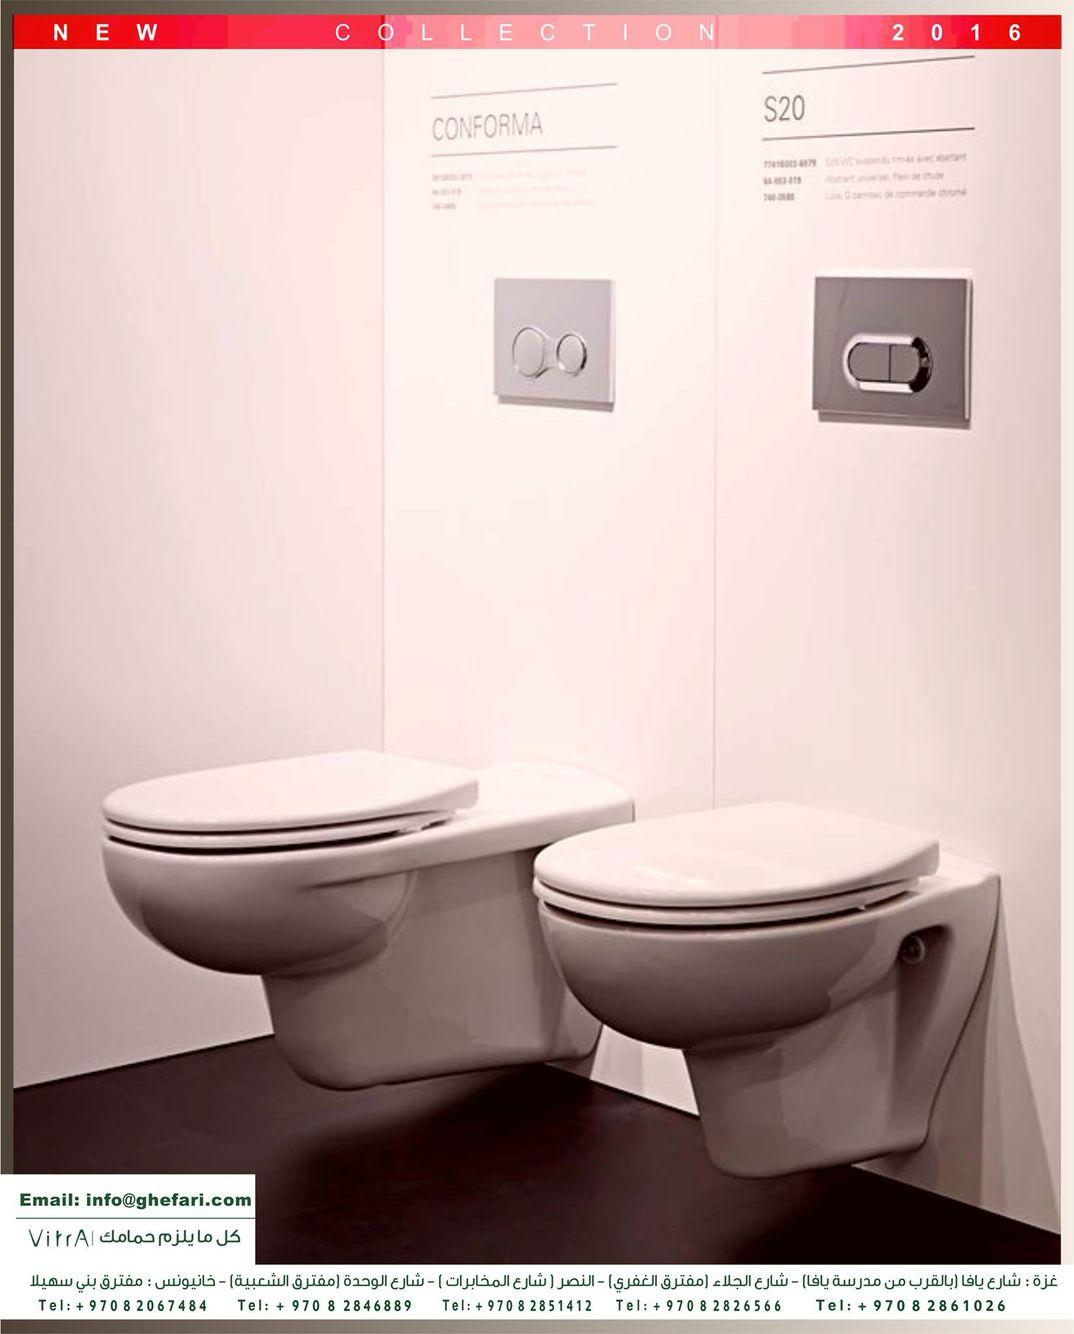 تصميم غير عادي من المراحيض لشركة فيترا المميزات سطح مضاد للجراثيم والبكتيريا سهل التنظيف حيث لا تمتص المواد الكيمي Instagram Posts Toilet Bathroom